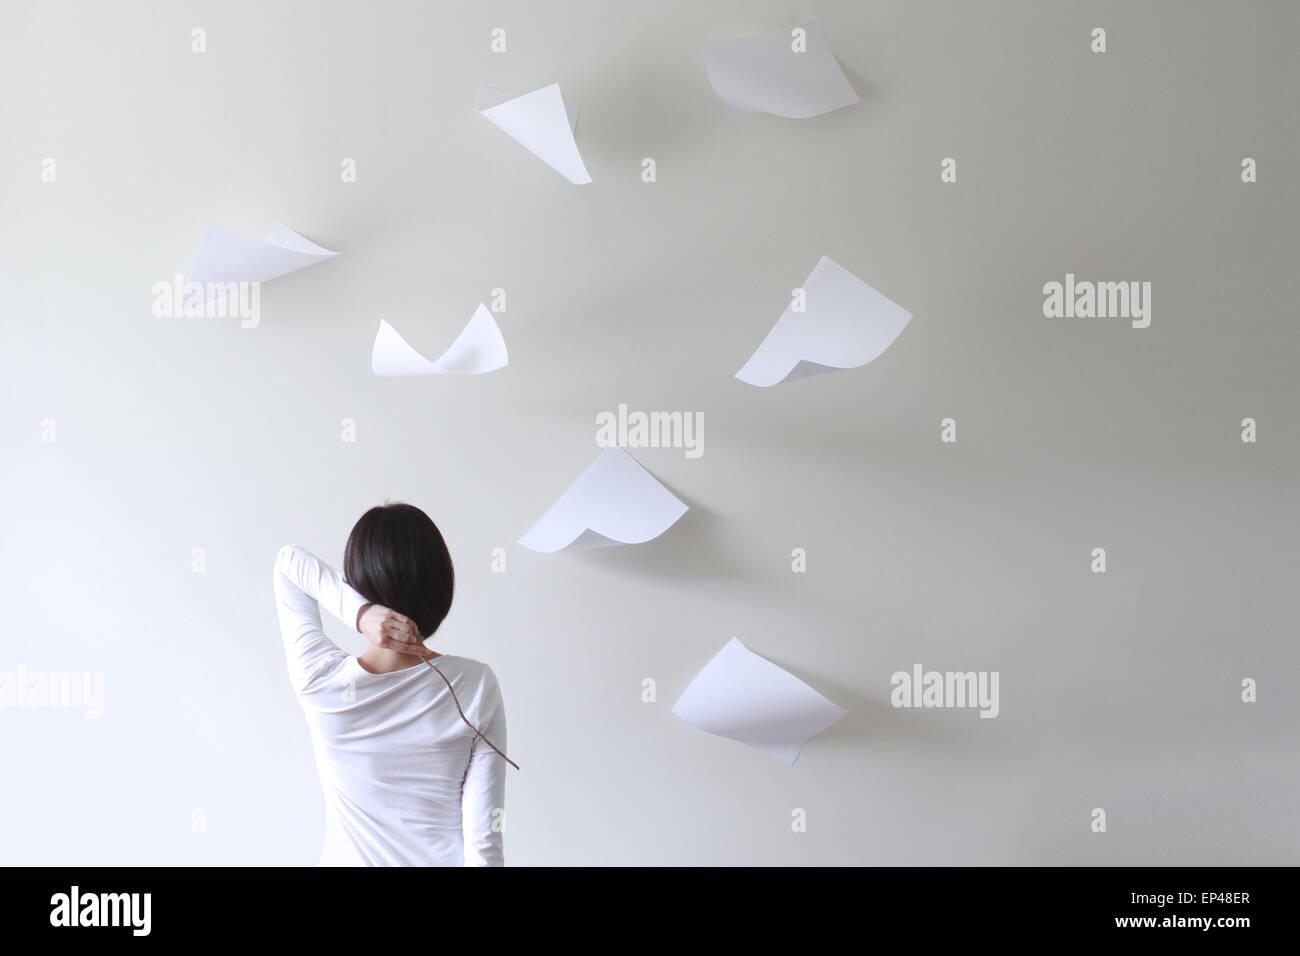 Vue arrière d'une femme tenant un bâton derrière la tête avec des morceaux de papier volant Photo Stock